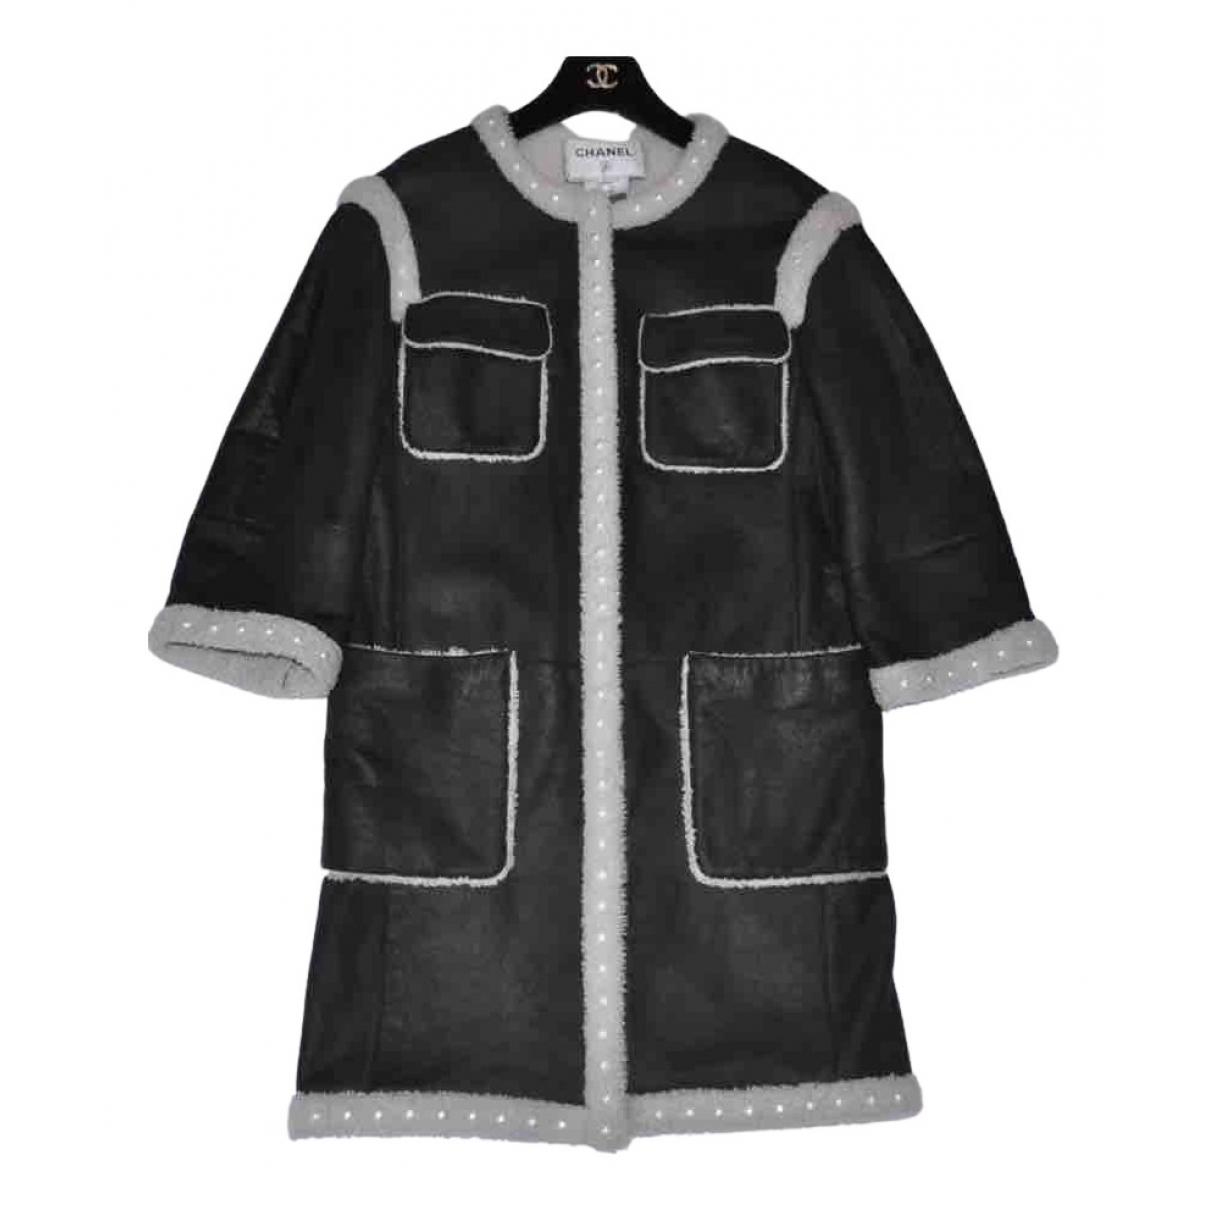 Chanel - Manteau   pour femme en mouton - noir